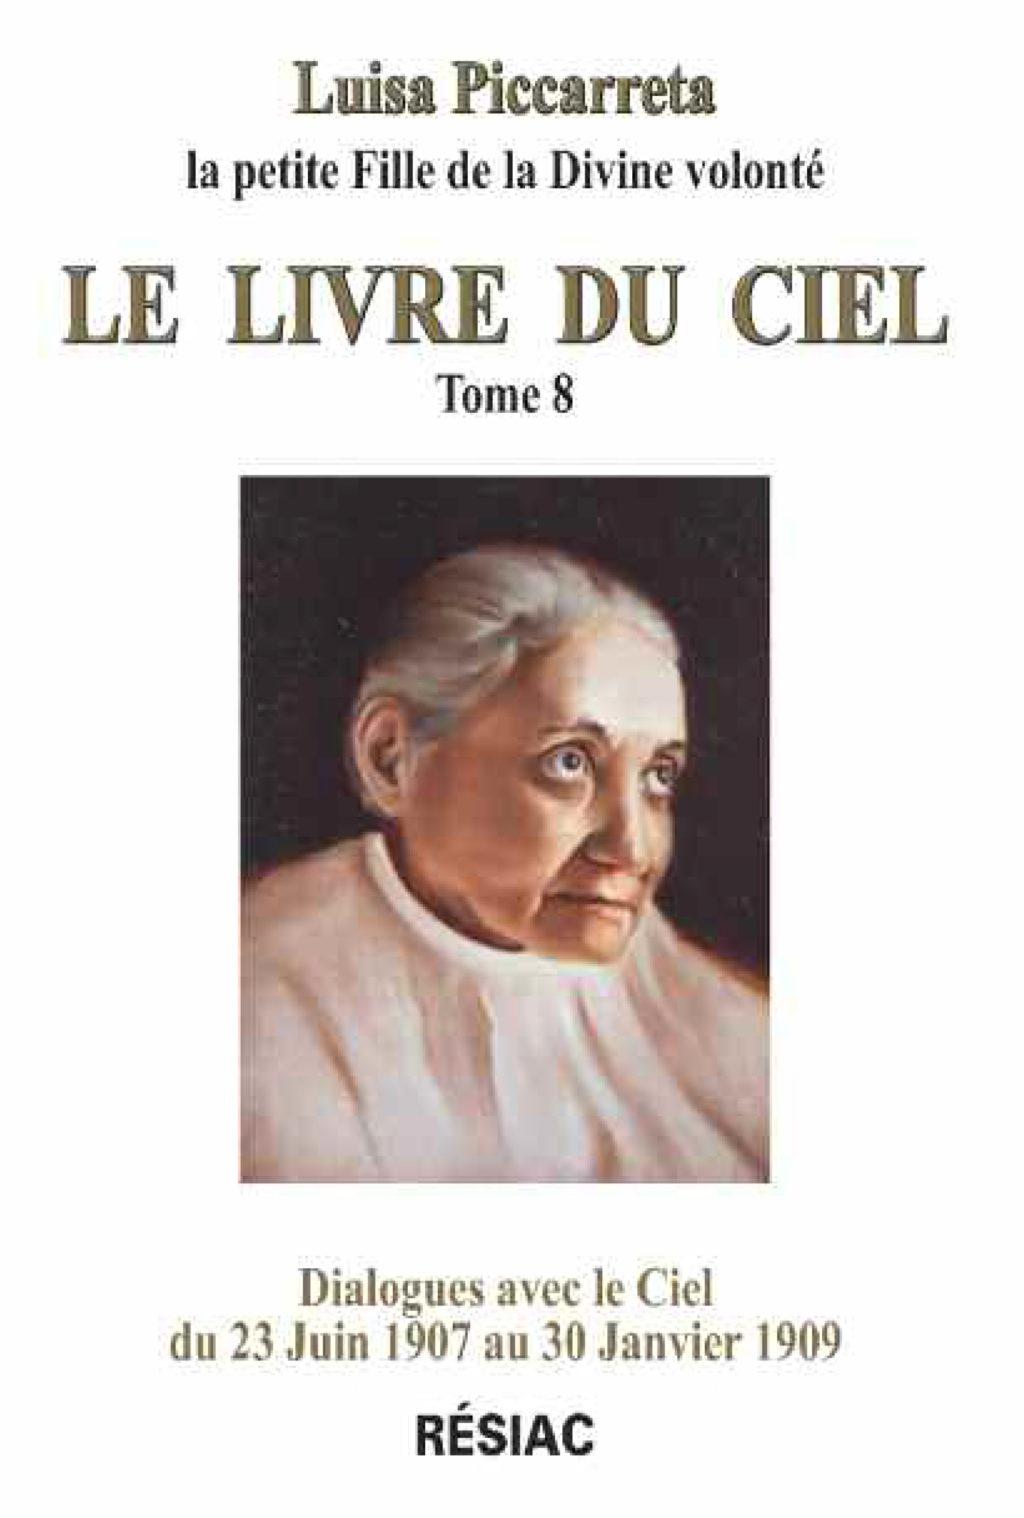 Luisa Piccarreta - Le Livre du Ciel - Tome 8